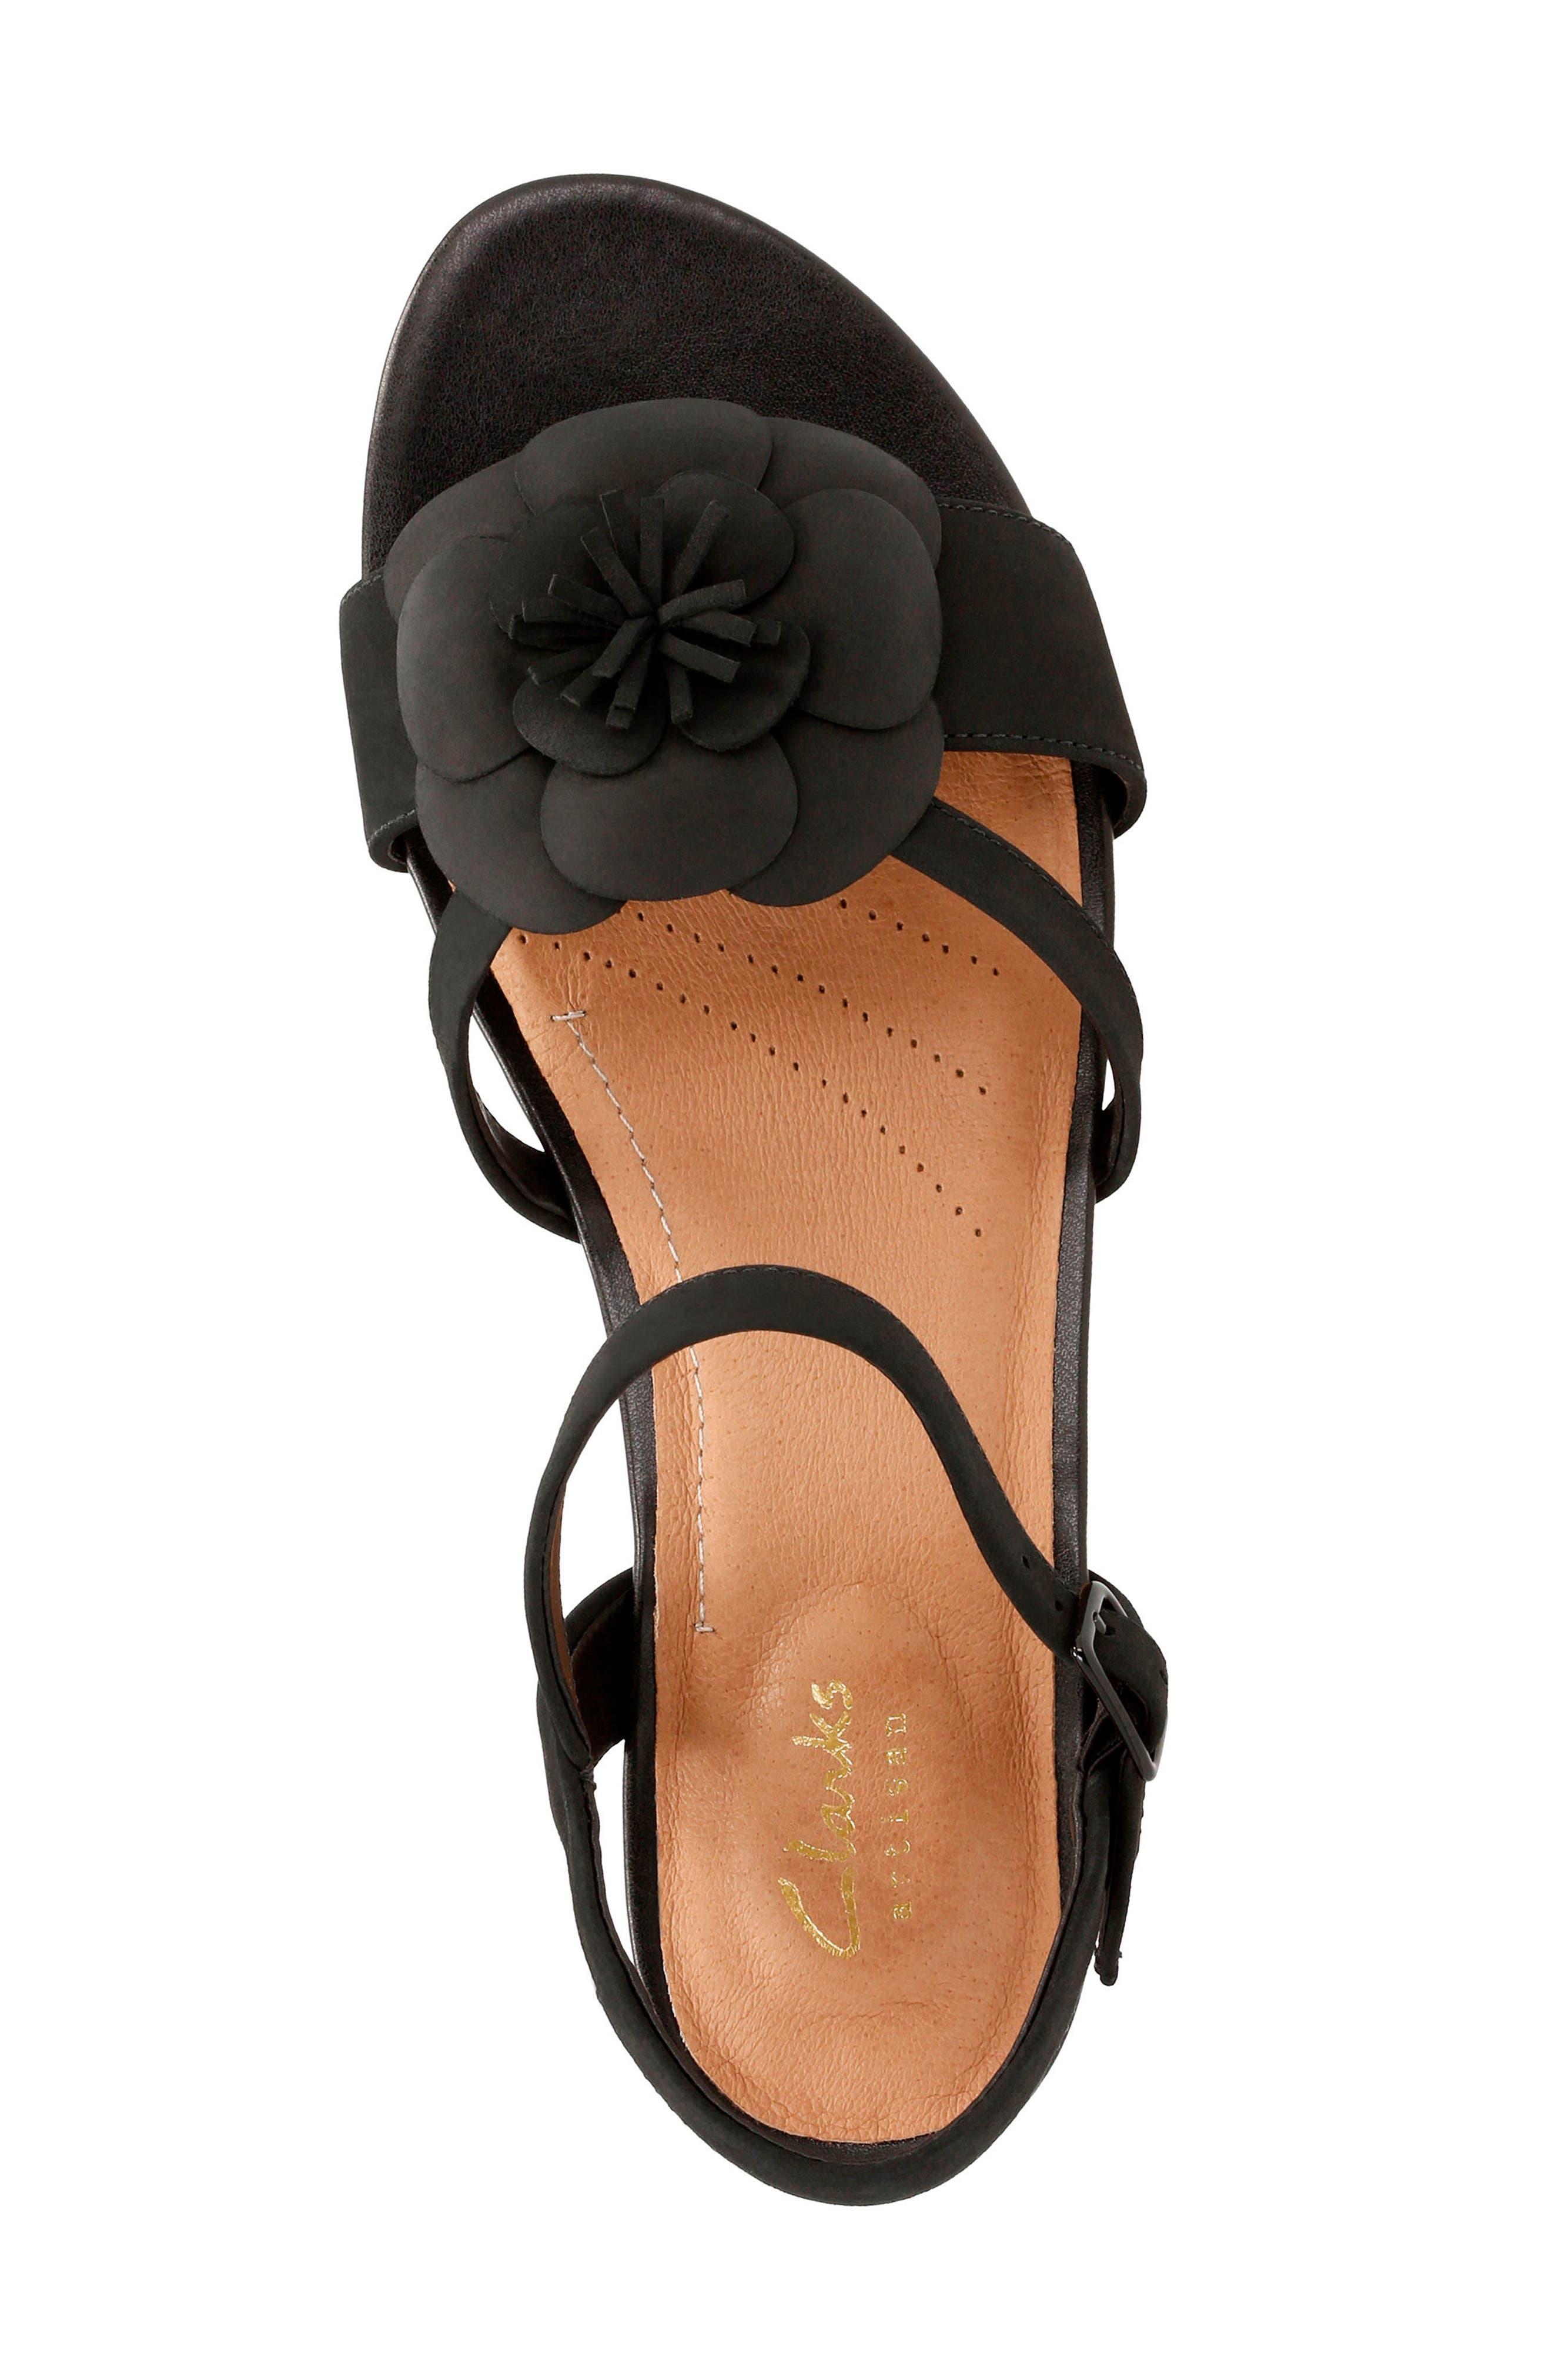 Parram Stella Flower Wedge Sandal,                             Alternate thumbnail 5, color,                             002